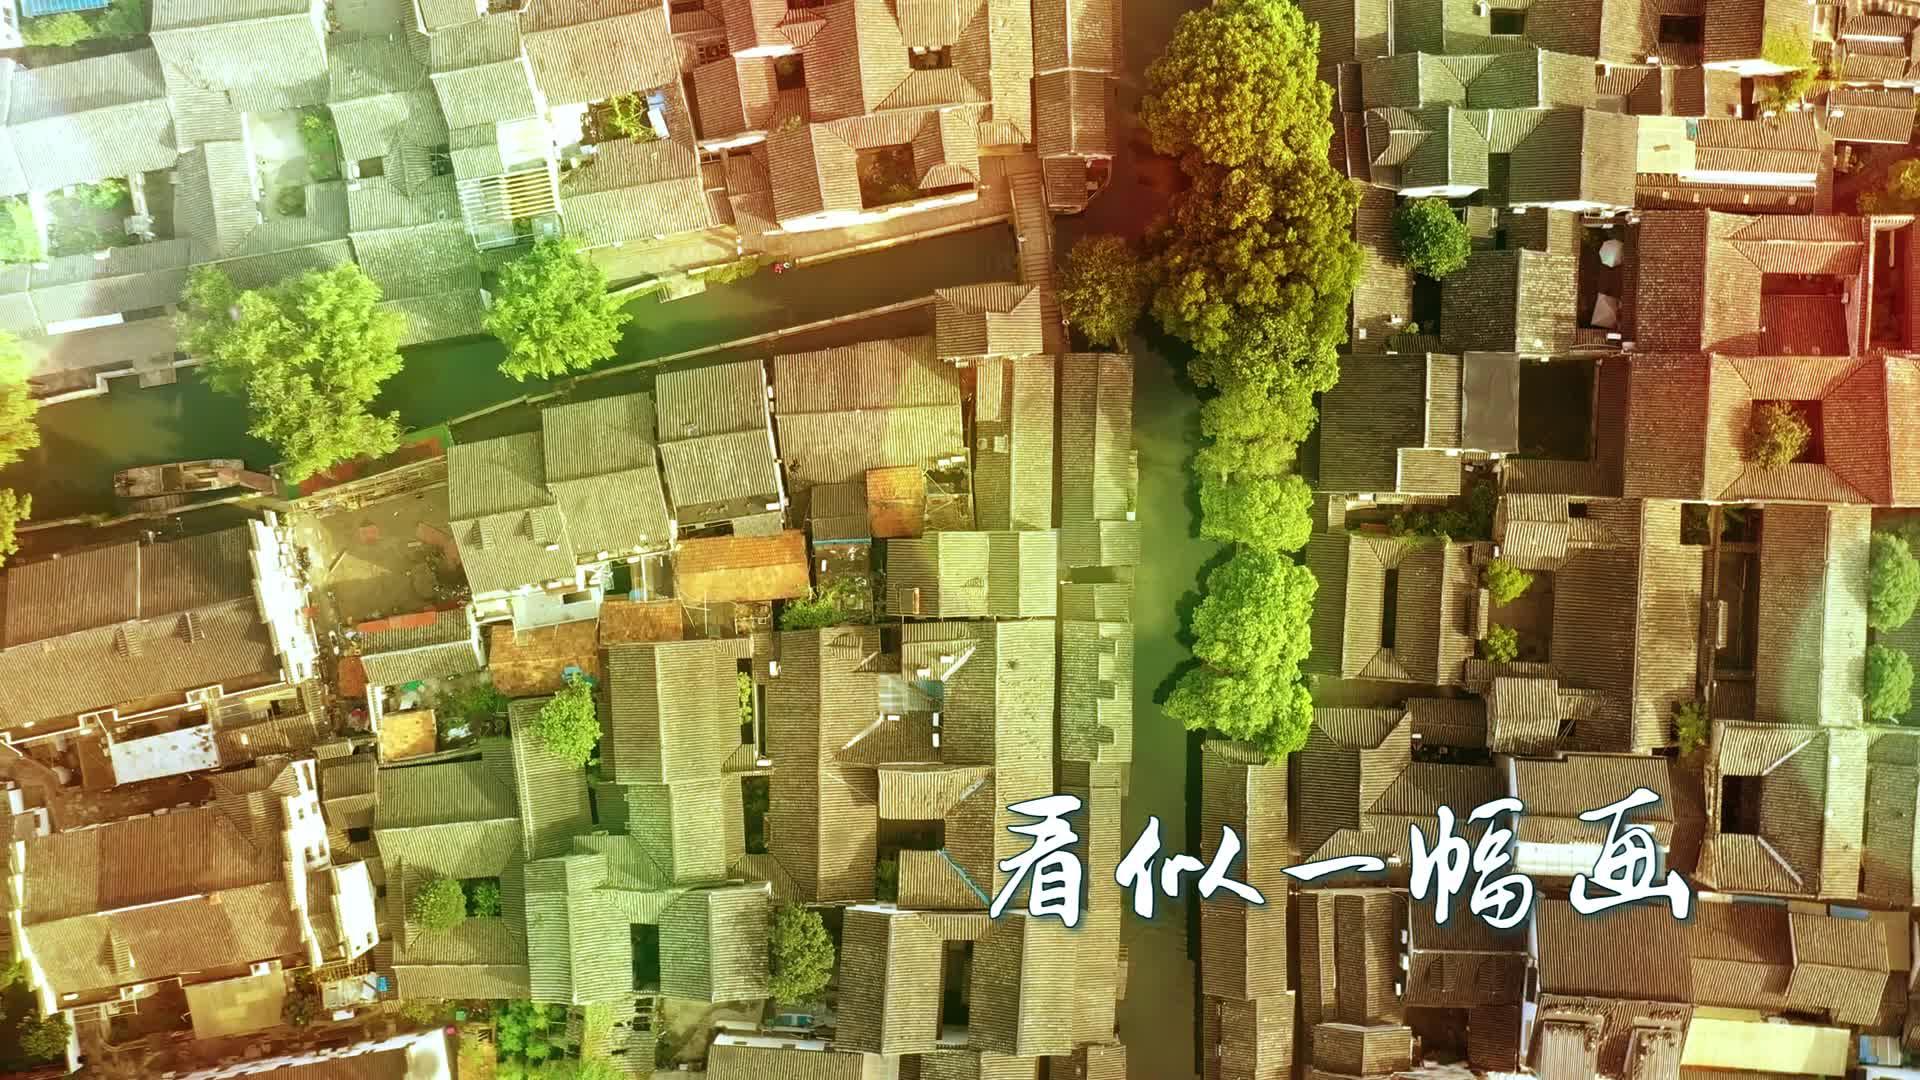 小城故事led配乐成品视频唯美浪漫江南视频素材小城故事大屏背景